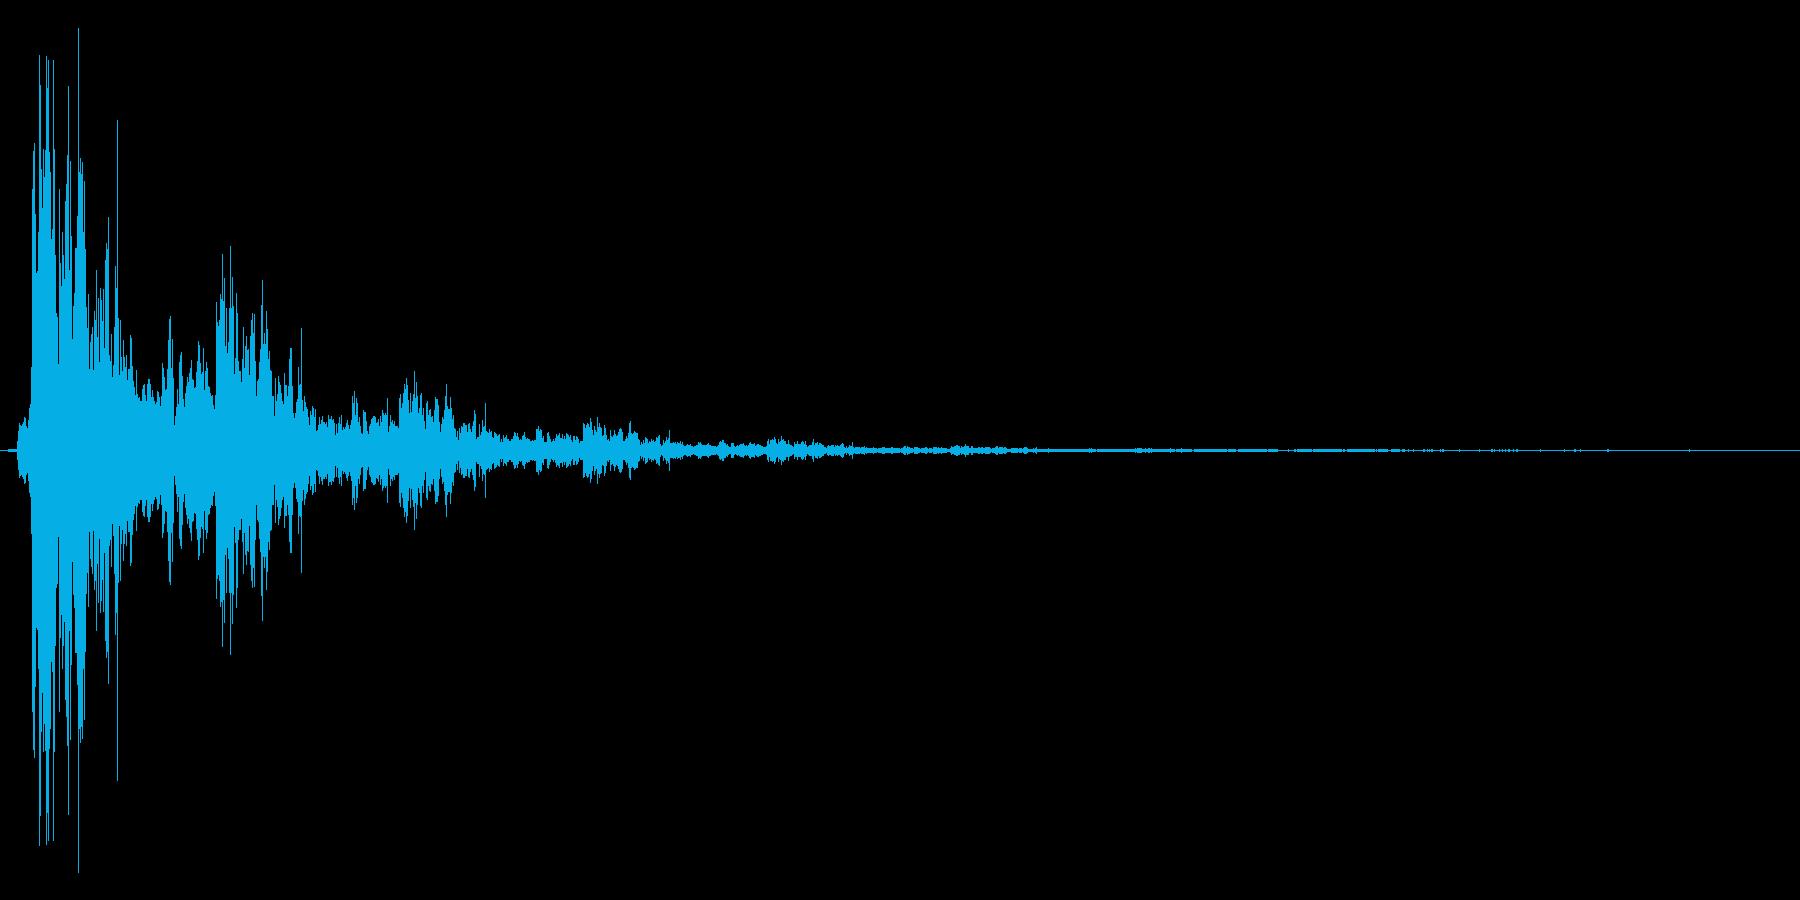 シャン。きらめく・テロップ音(鈴・高)の再生済みの波形